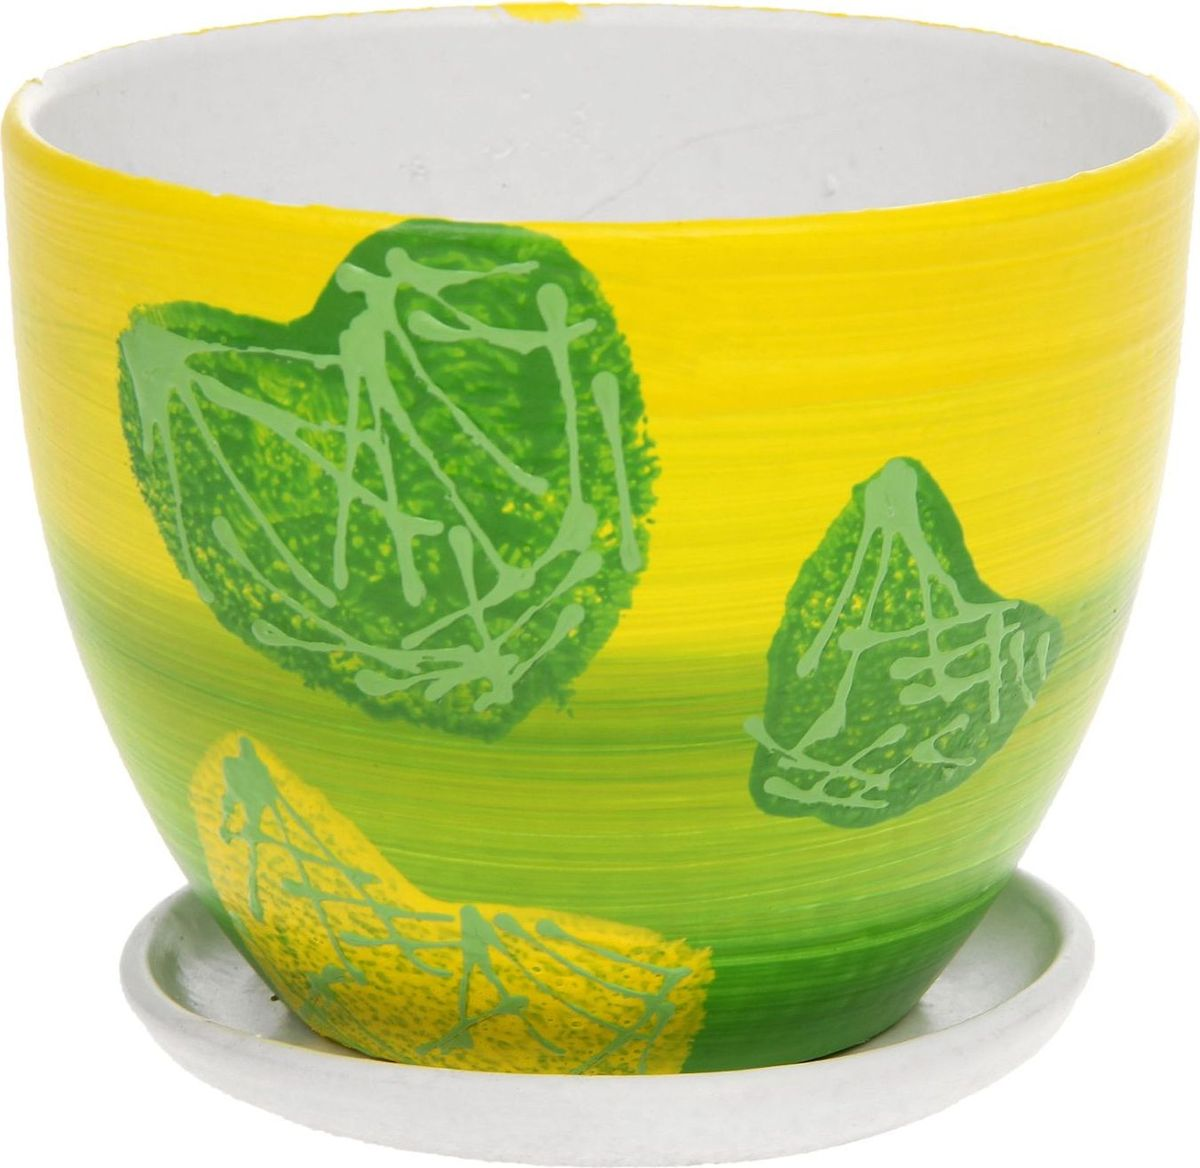 Кашпо Биколор, цвет: зеленый, 1,1 л1138526Комнатные растения — всеобщие любимцы. Они радуют глаз, насыщают помещение кислородом и украшают пространство. Каждому из них необходим свой удобный и красивый дом. Кашпо из керамики прекрасно подходят для высадки растений: за счёт пластичности глины и разных способов обработки существует великое множество форм и дизайновпористый материал позволяет испаряться лишней влагевоздух, необходимый для дыхания корней, проникает сквозь керамические стенки! #name# позаботится о зелёном питомце, освежит интерьер и подчеркнёт его стиль.